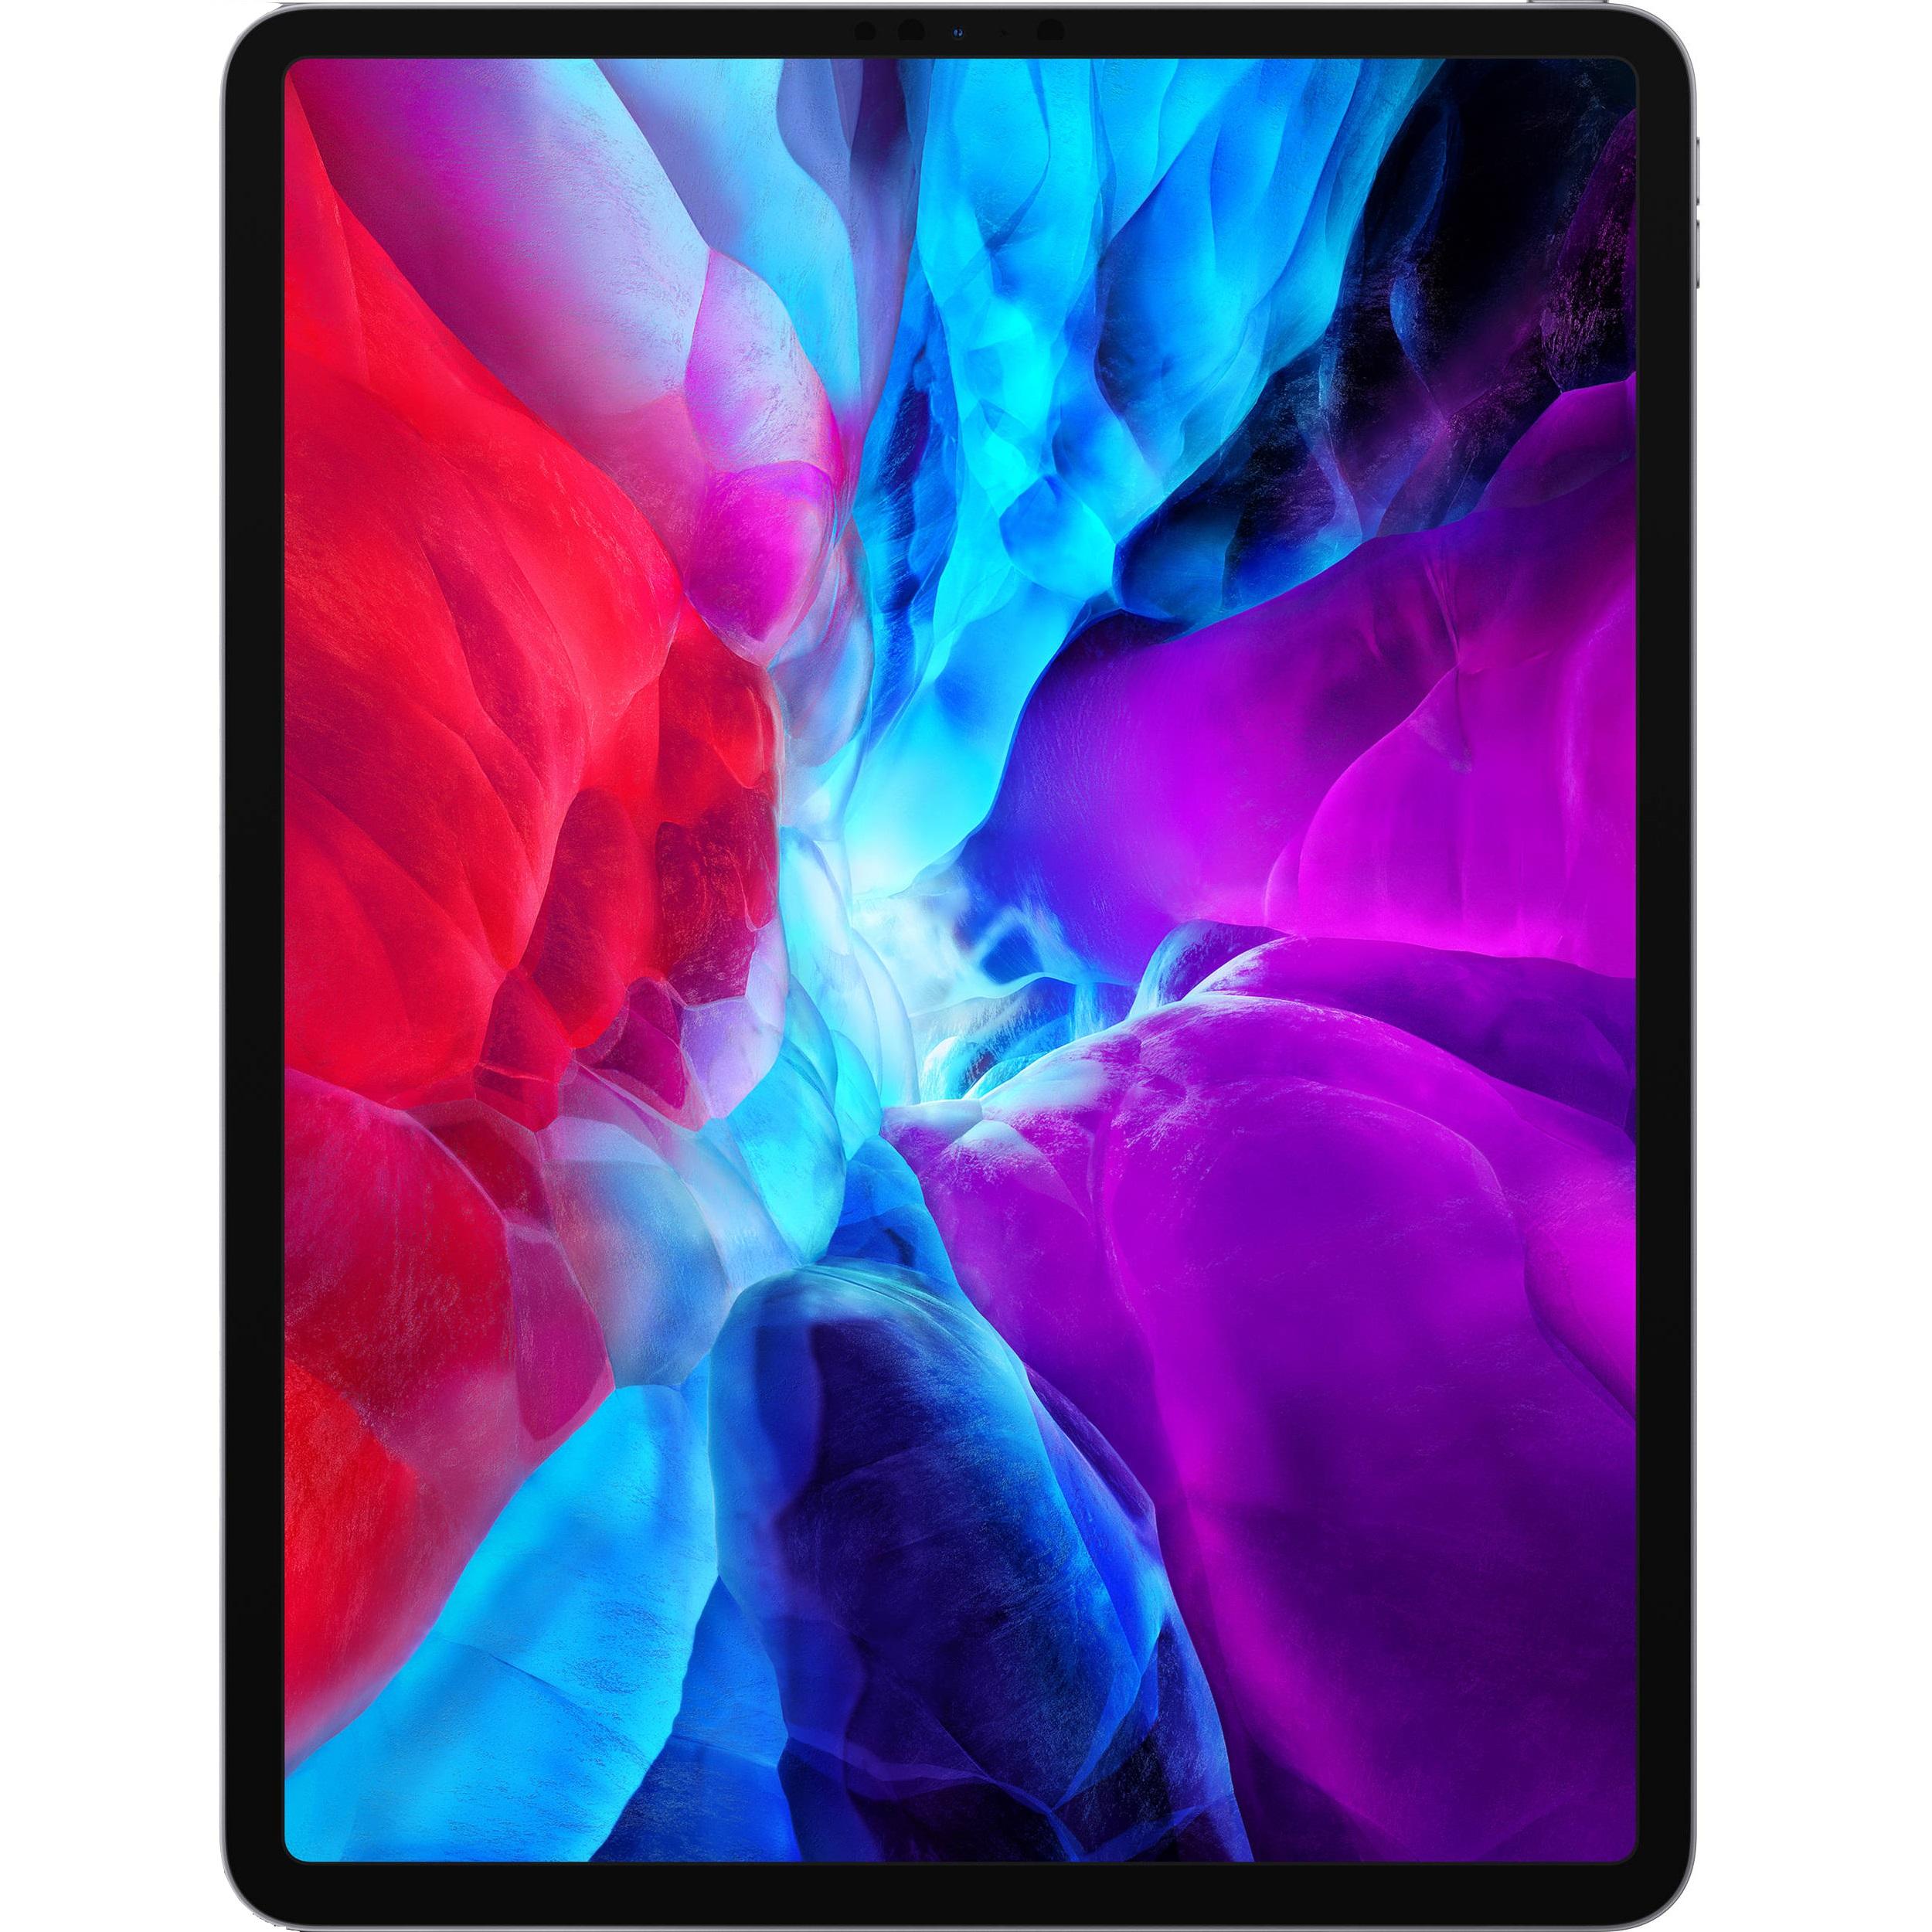 فروش نقدی و اقساطی تبلت اپل مدل iPad Pro 2020 12.9 inch WiFi ظرفیت 128 گیگابایت